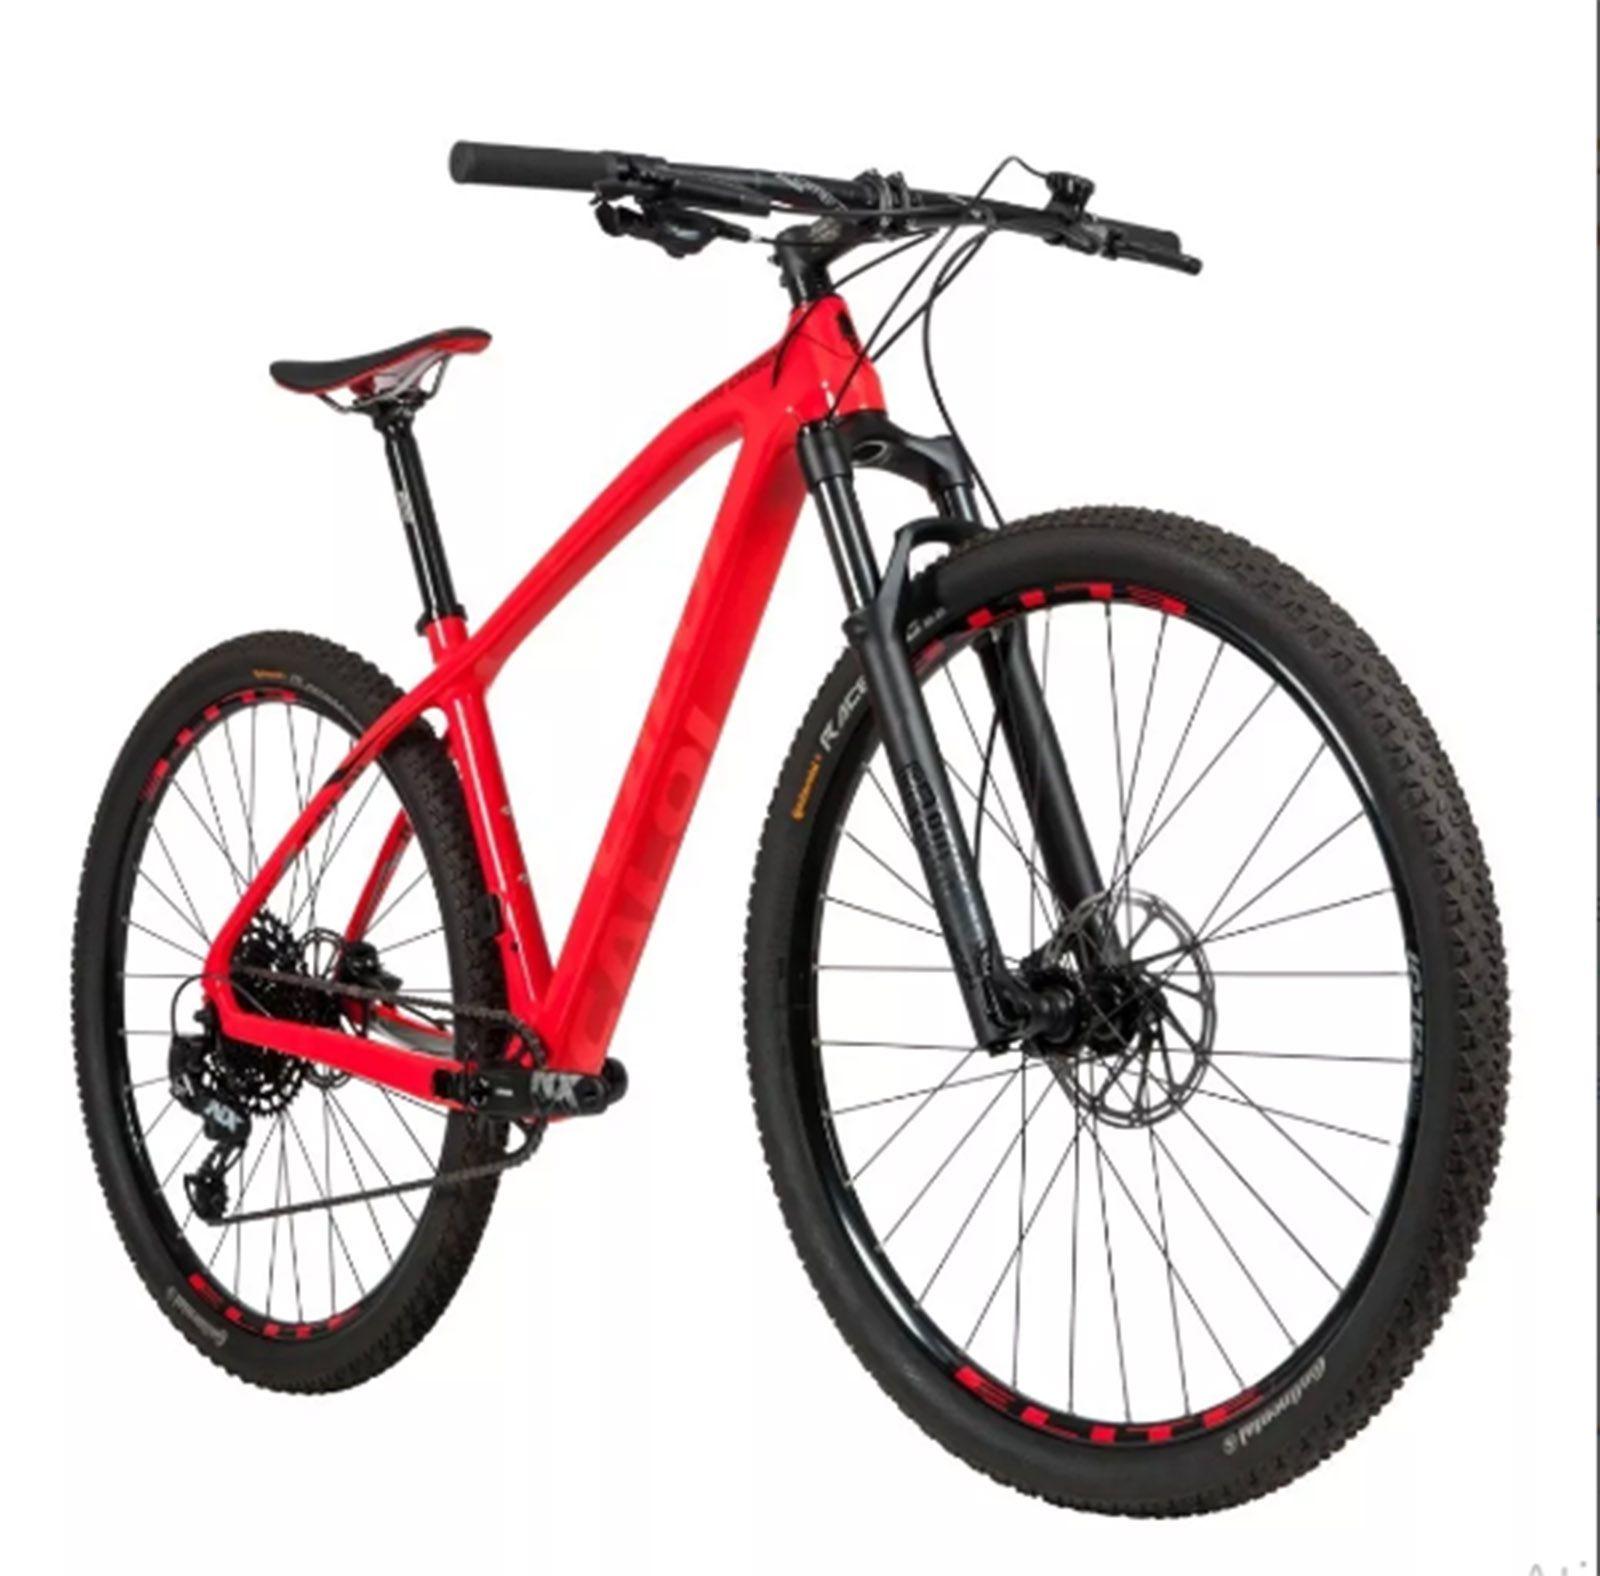 Bicicleta Caloi Carbon Sport 2020 M Vermelha